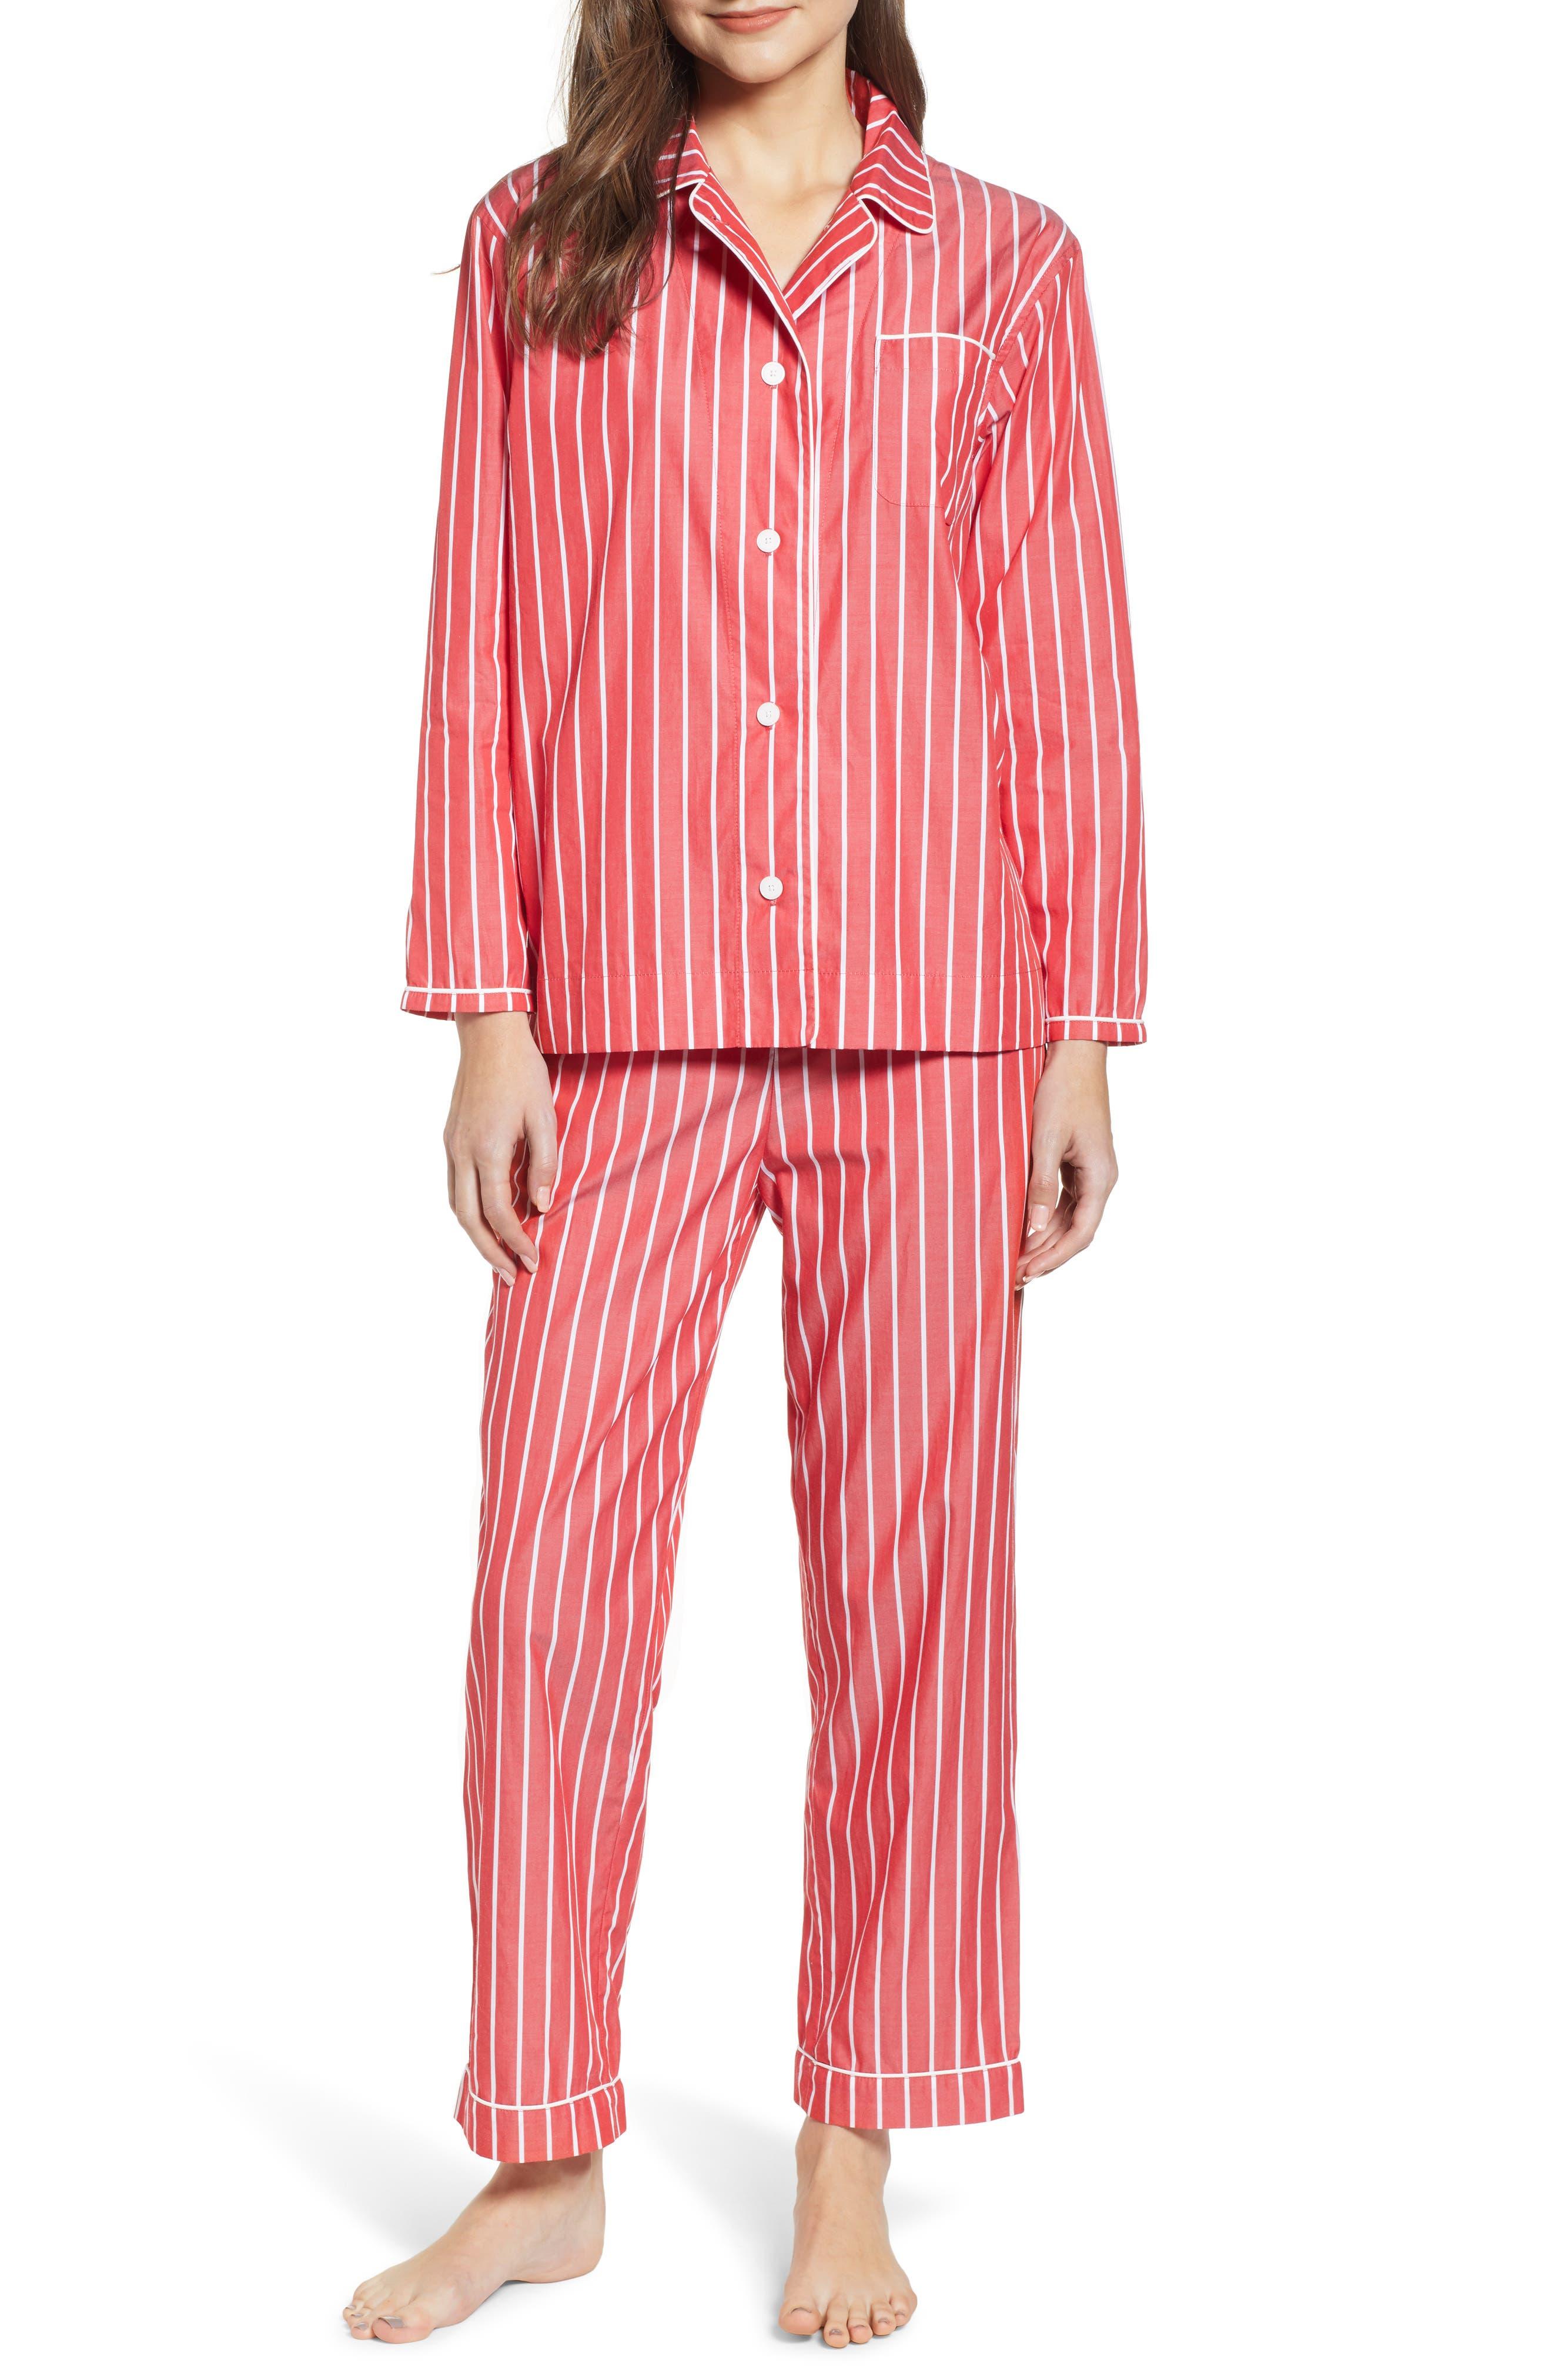 SLEEPY JONES Pajamas in Red Stripe